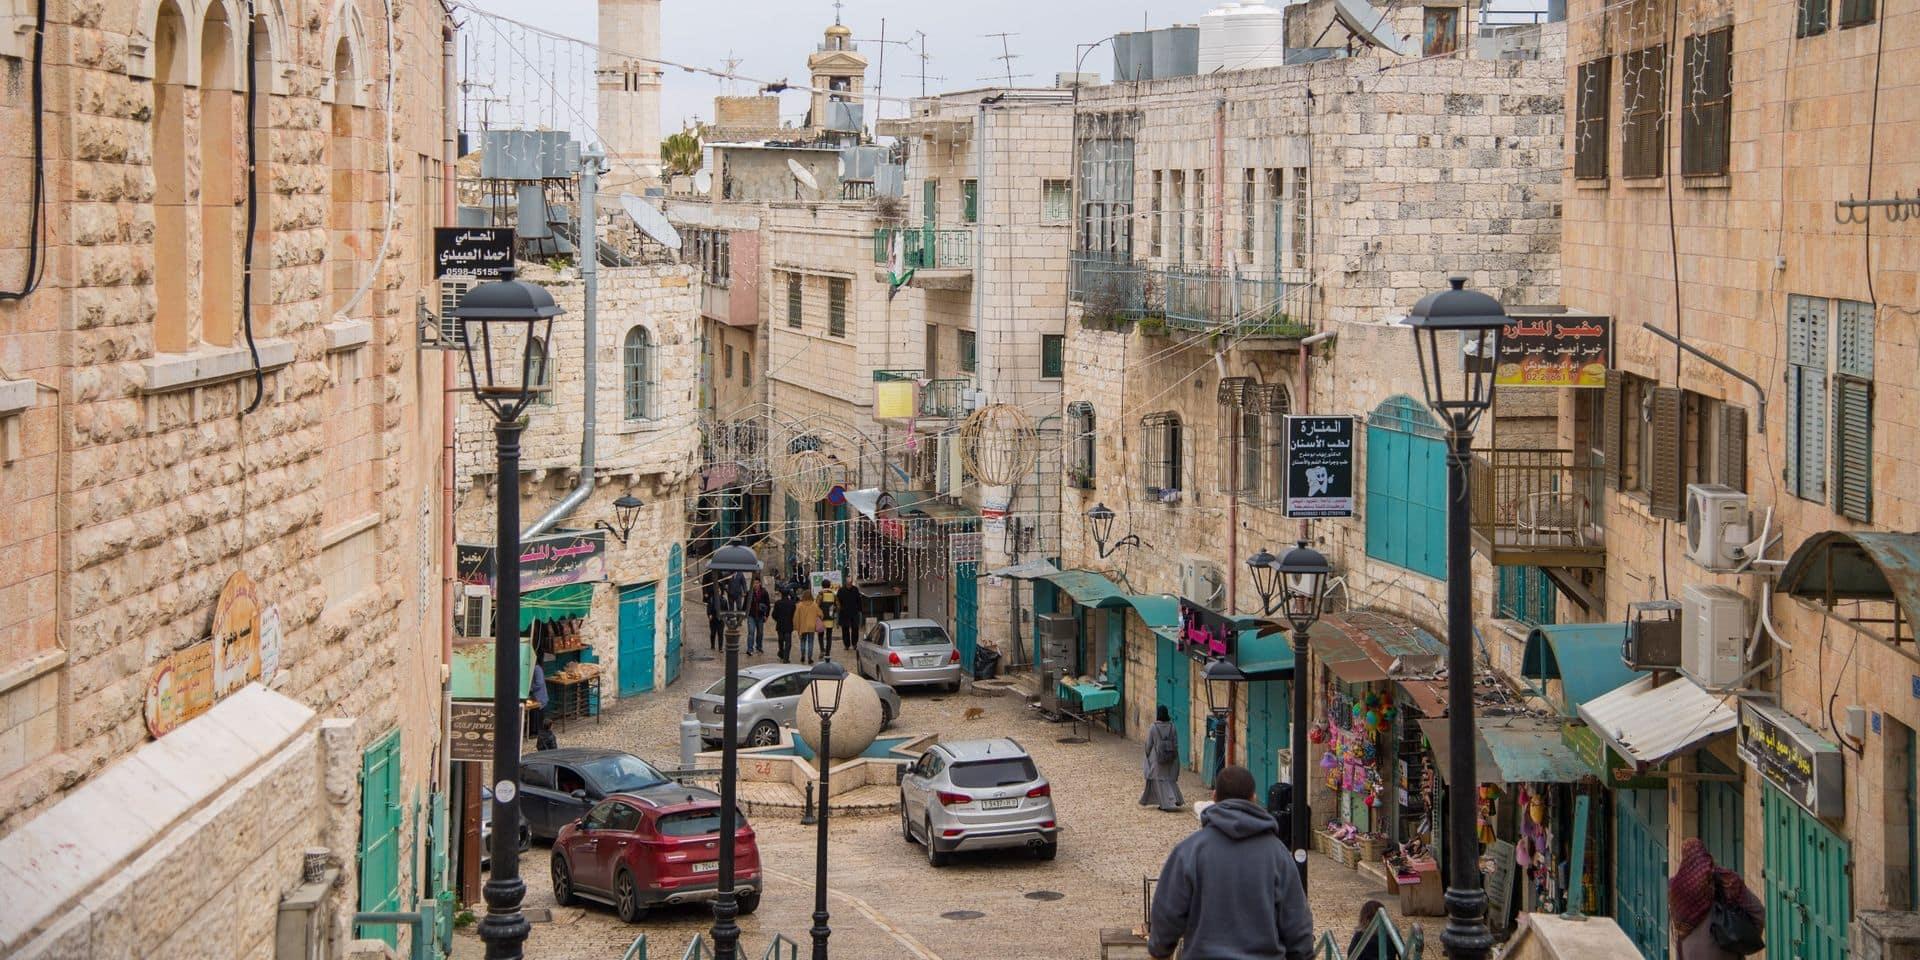 Proche-Orient: un choix risqué pour les Palestiniens, en plein marasme économique